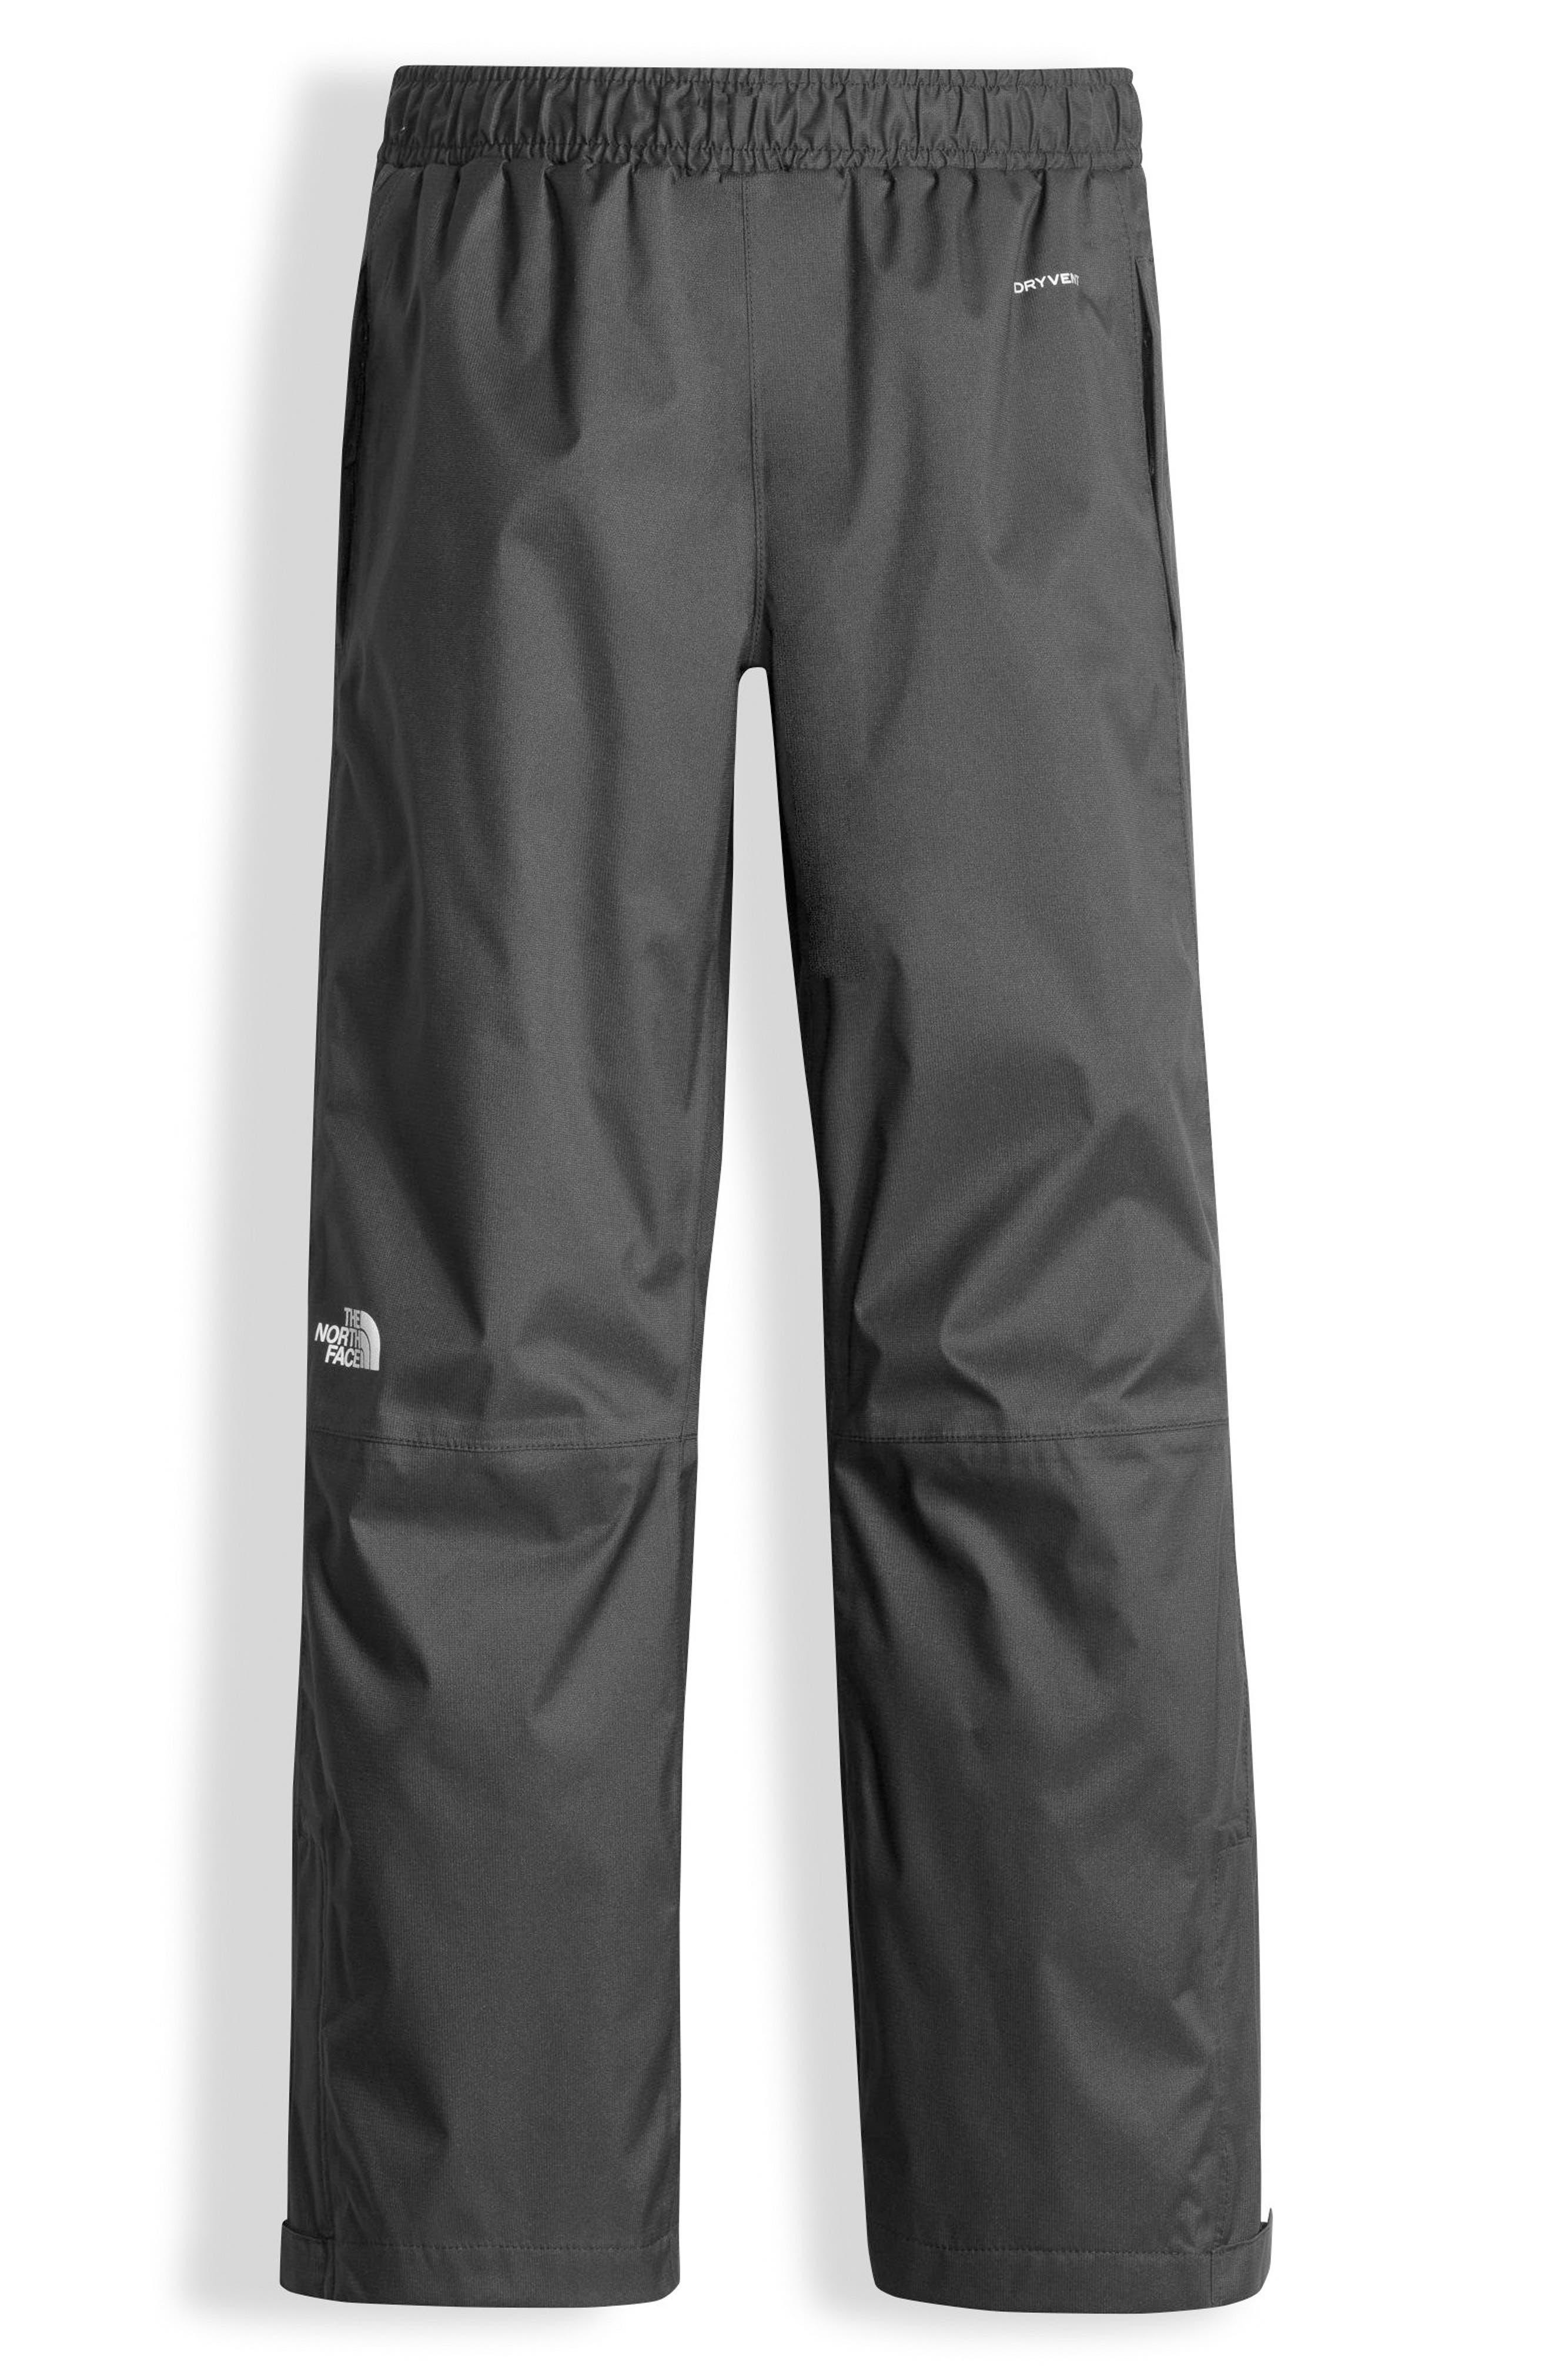 'Resolve' Waterproof Rain Pants,                         Main,                         color, Graphite Grey